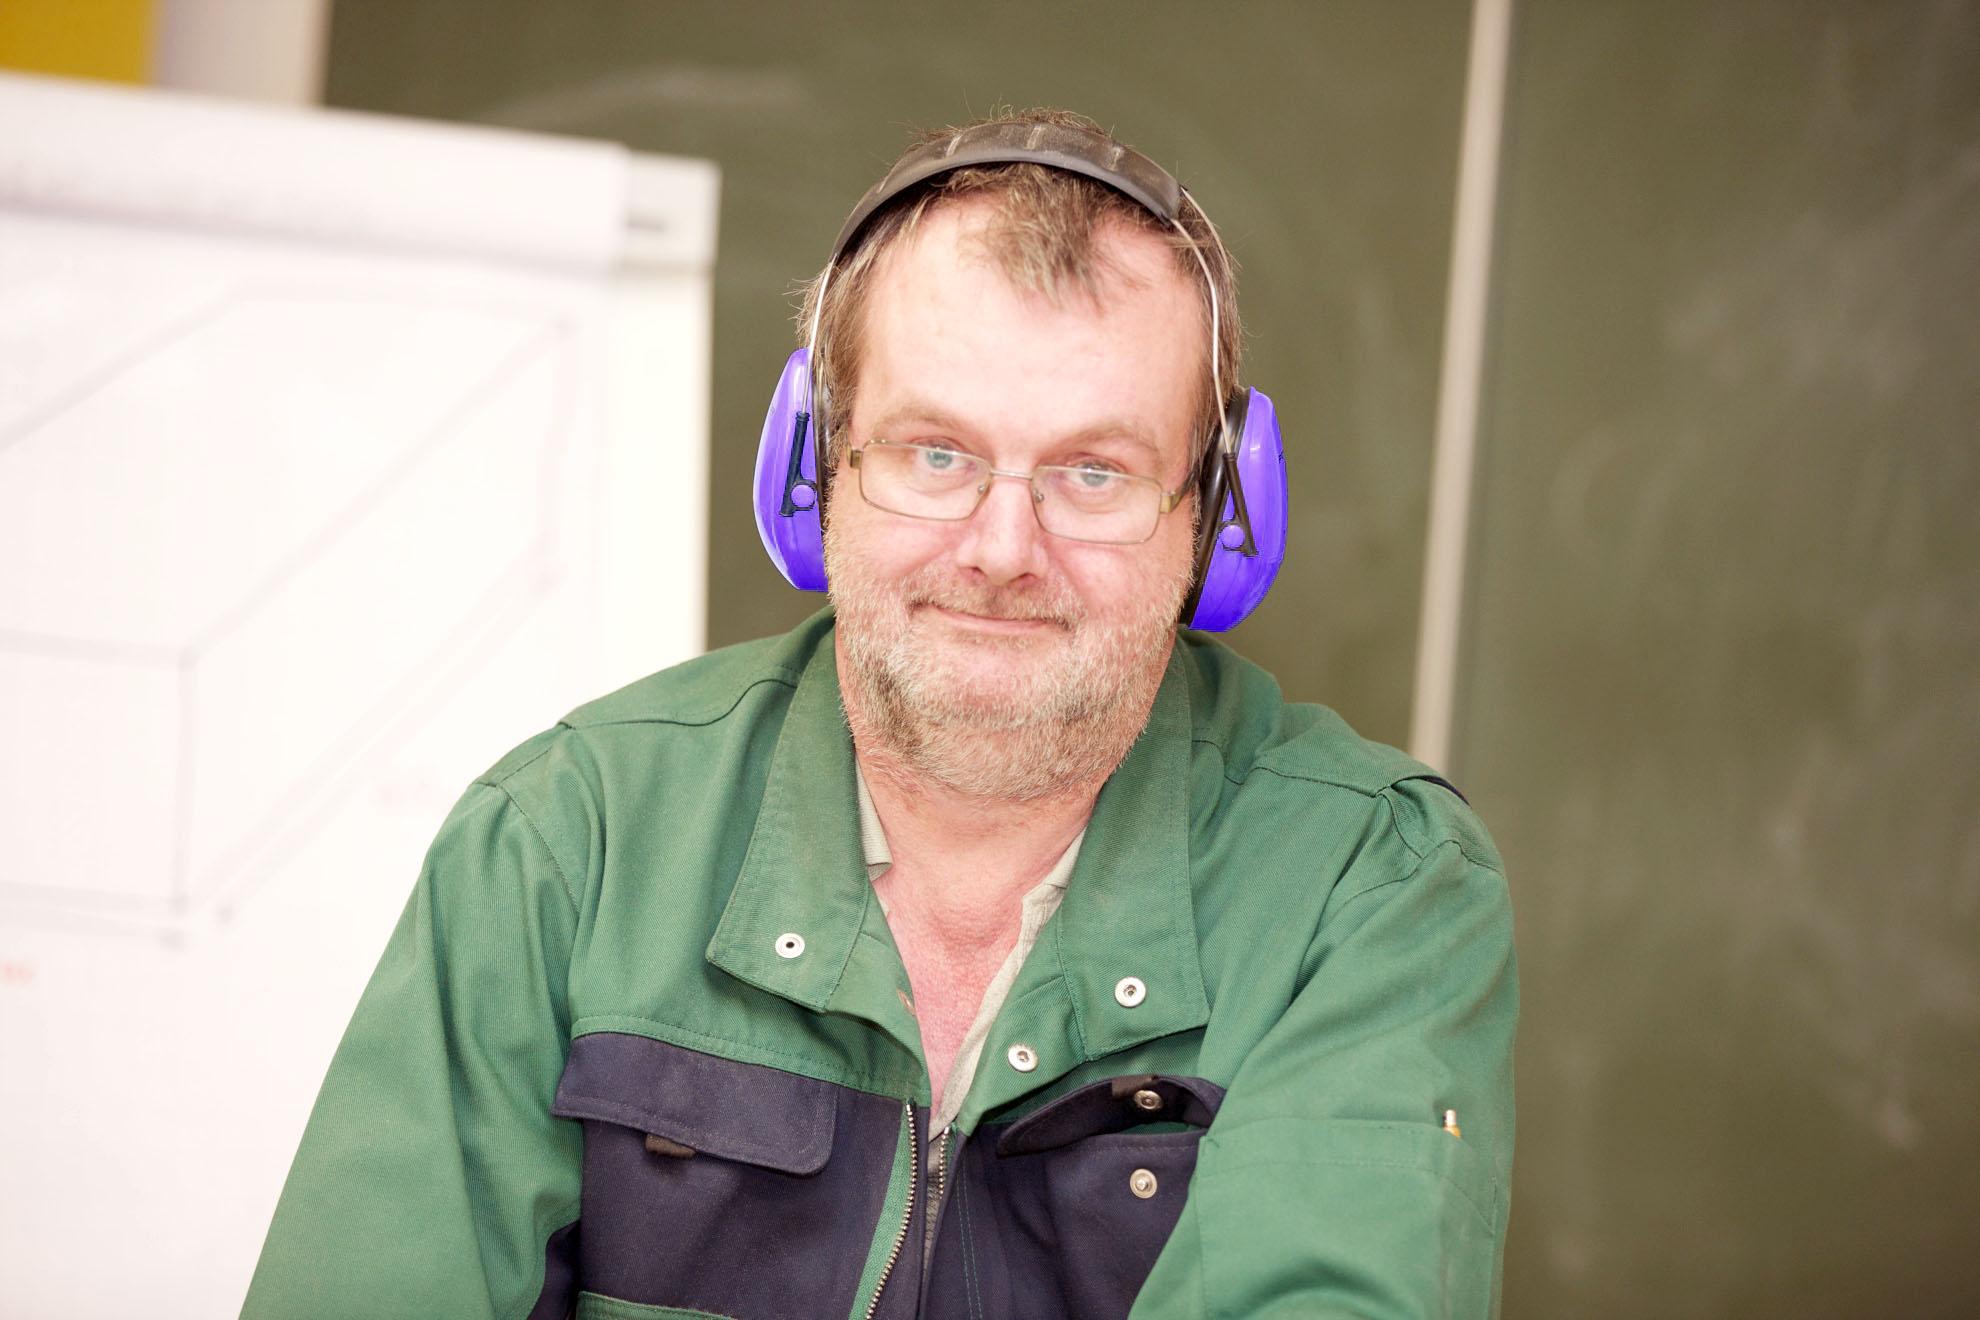 Mann in Arbeitskleidung